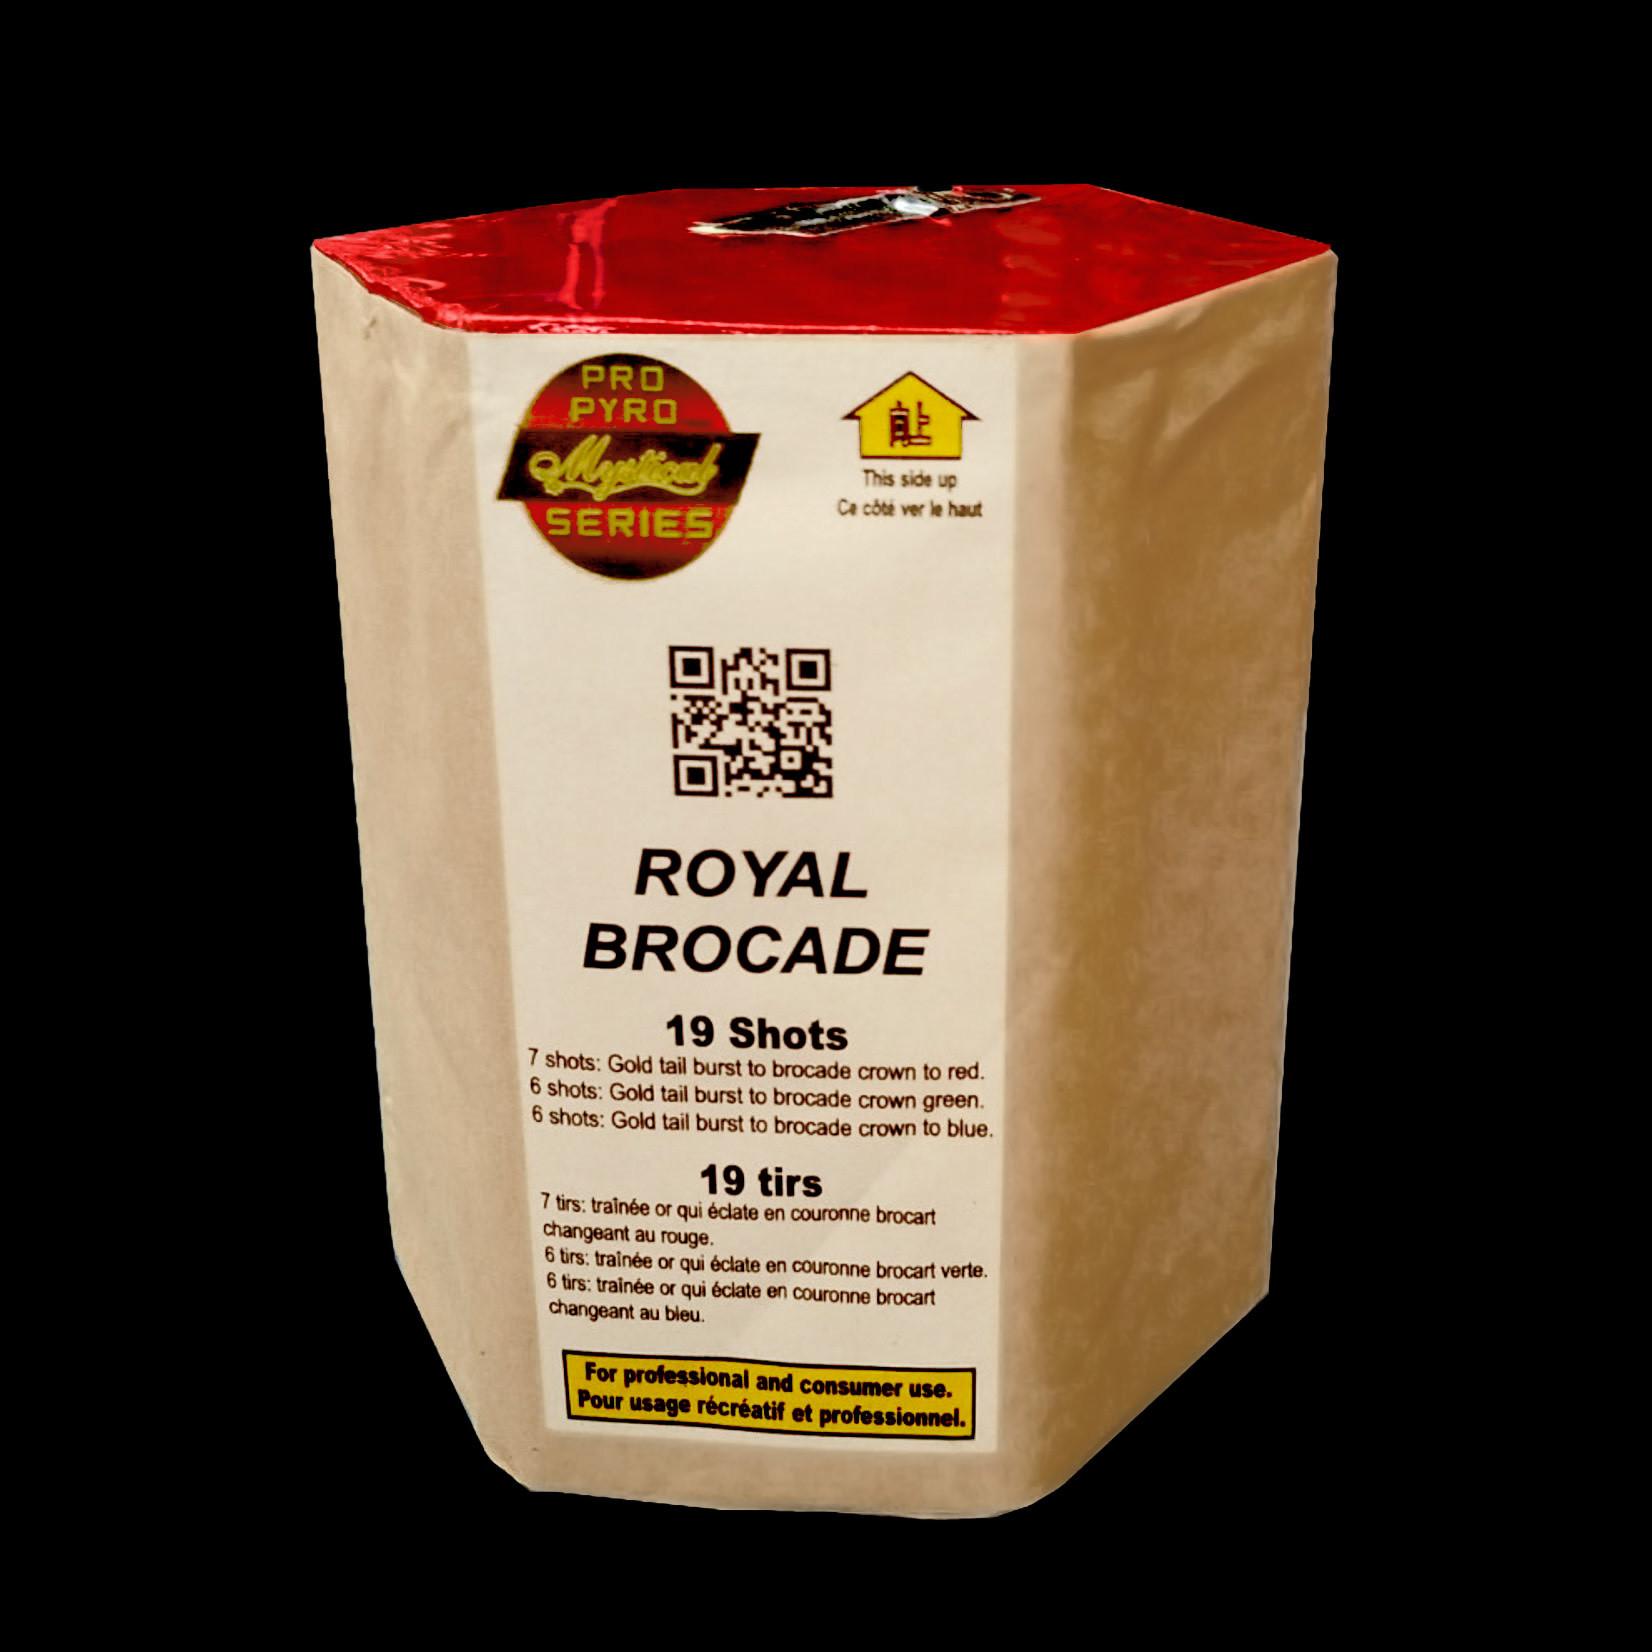 Royal Brocade - Pro Pyro Series